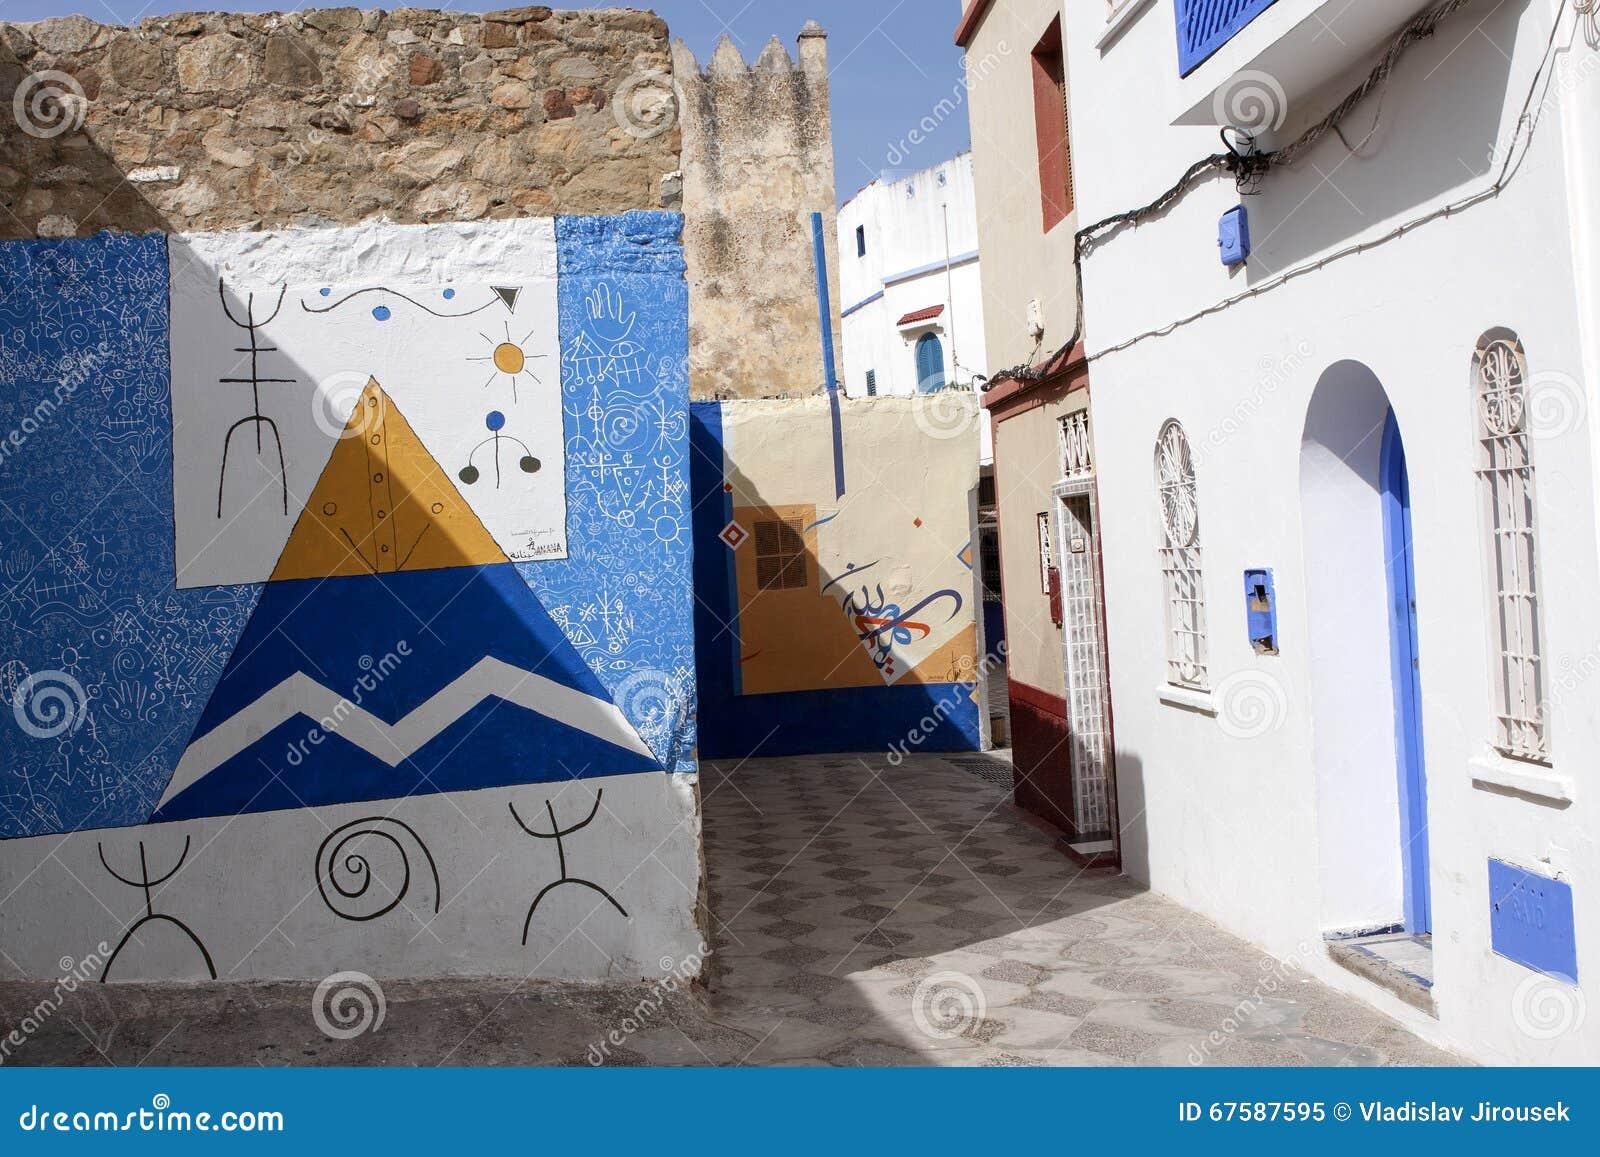 belles peintures sur les murs de la m dina asilah au maroc du nord image stock image 67587595. Black Bedroom Furniture Sets. Home Design Ideas